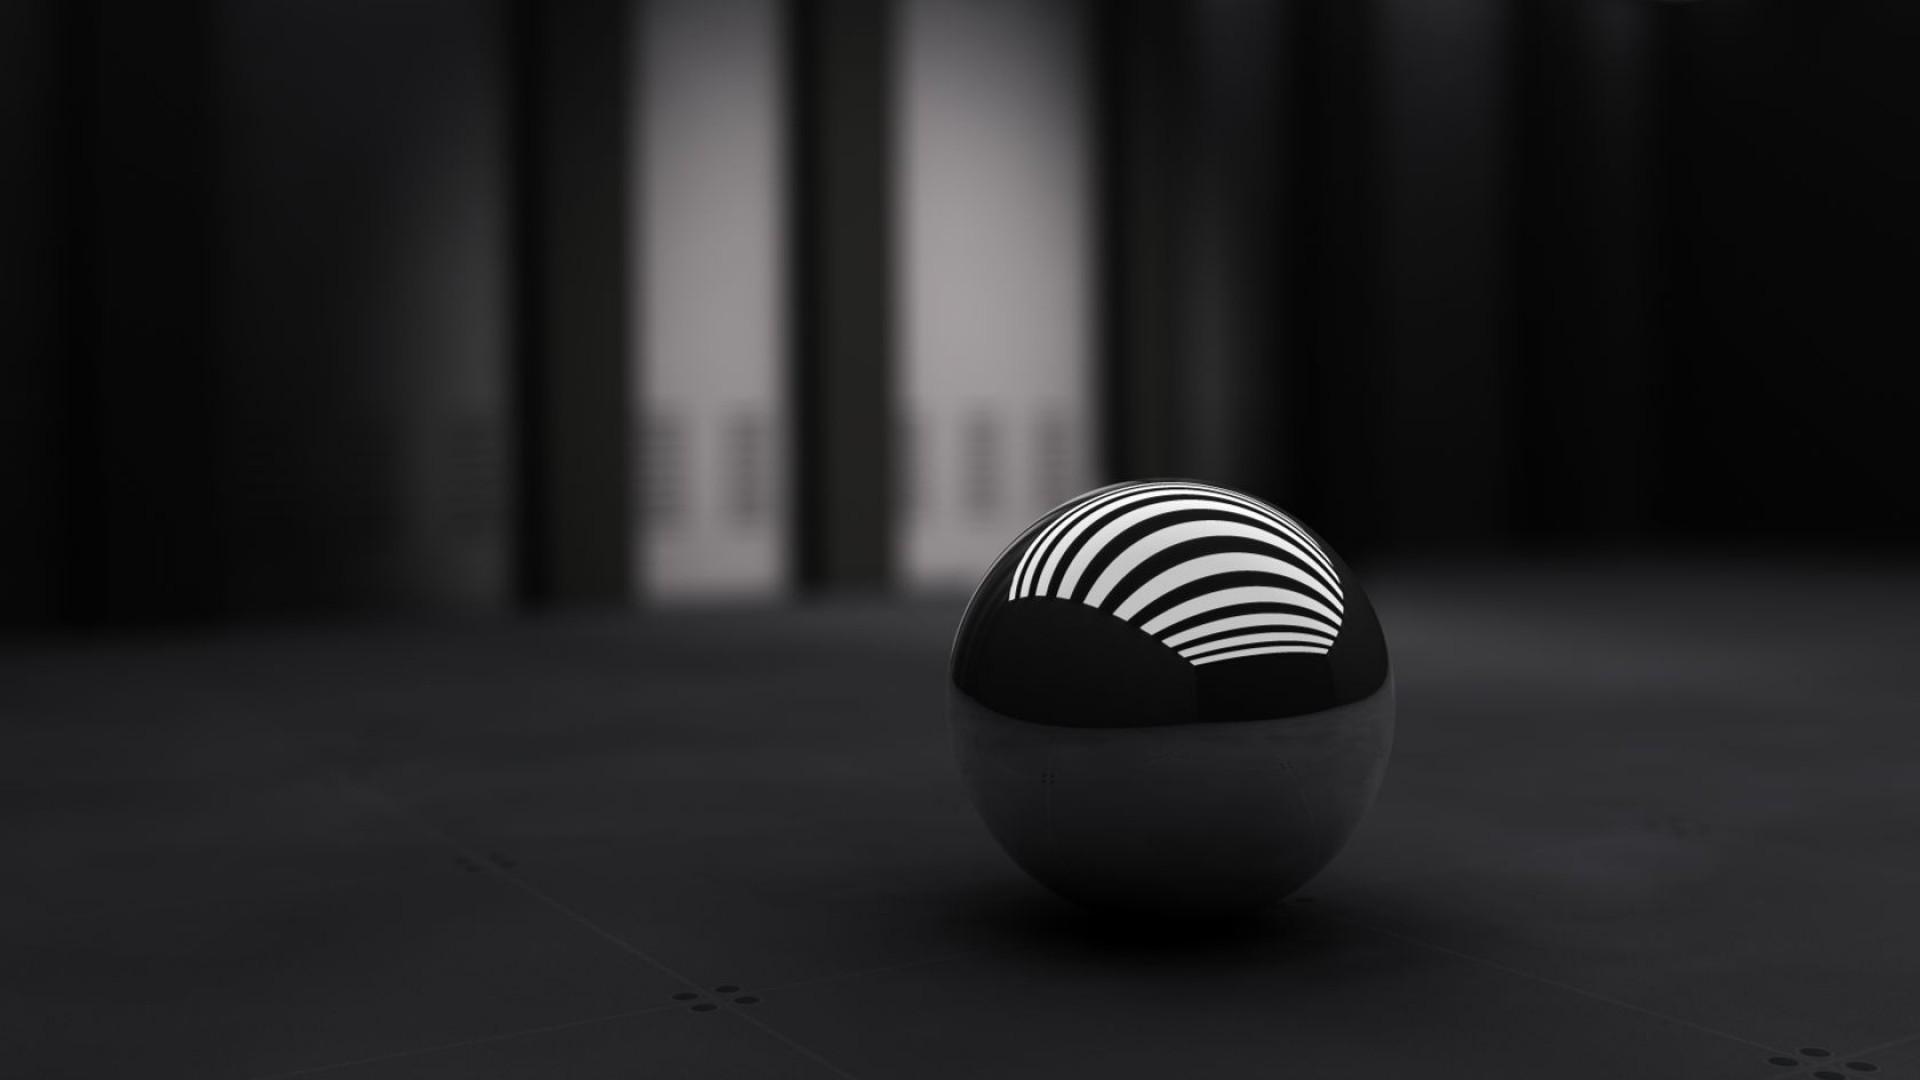 Preview wallpaper black, ball, band, white 1920×1080